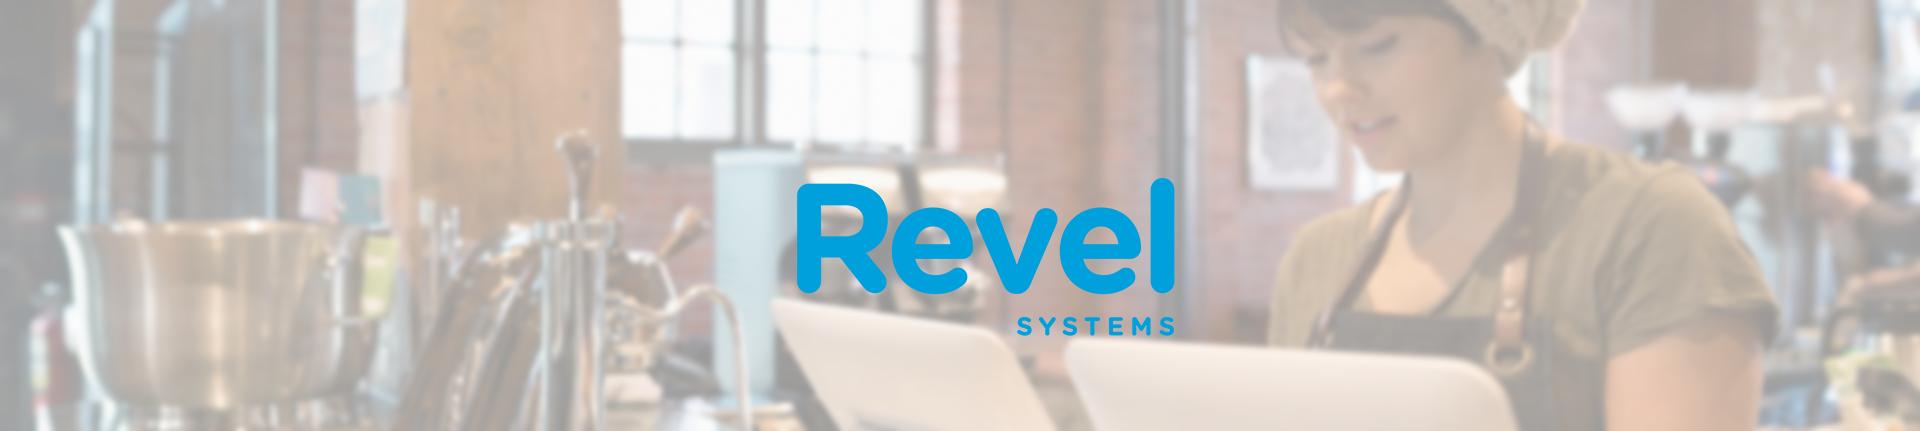 Revel POS Integration Partner